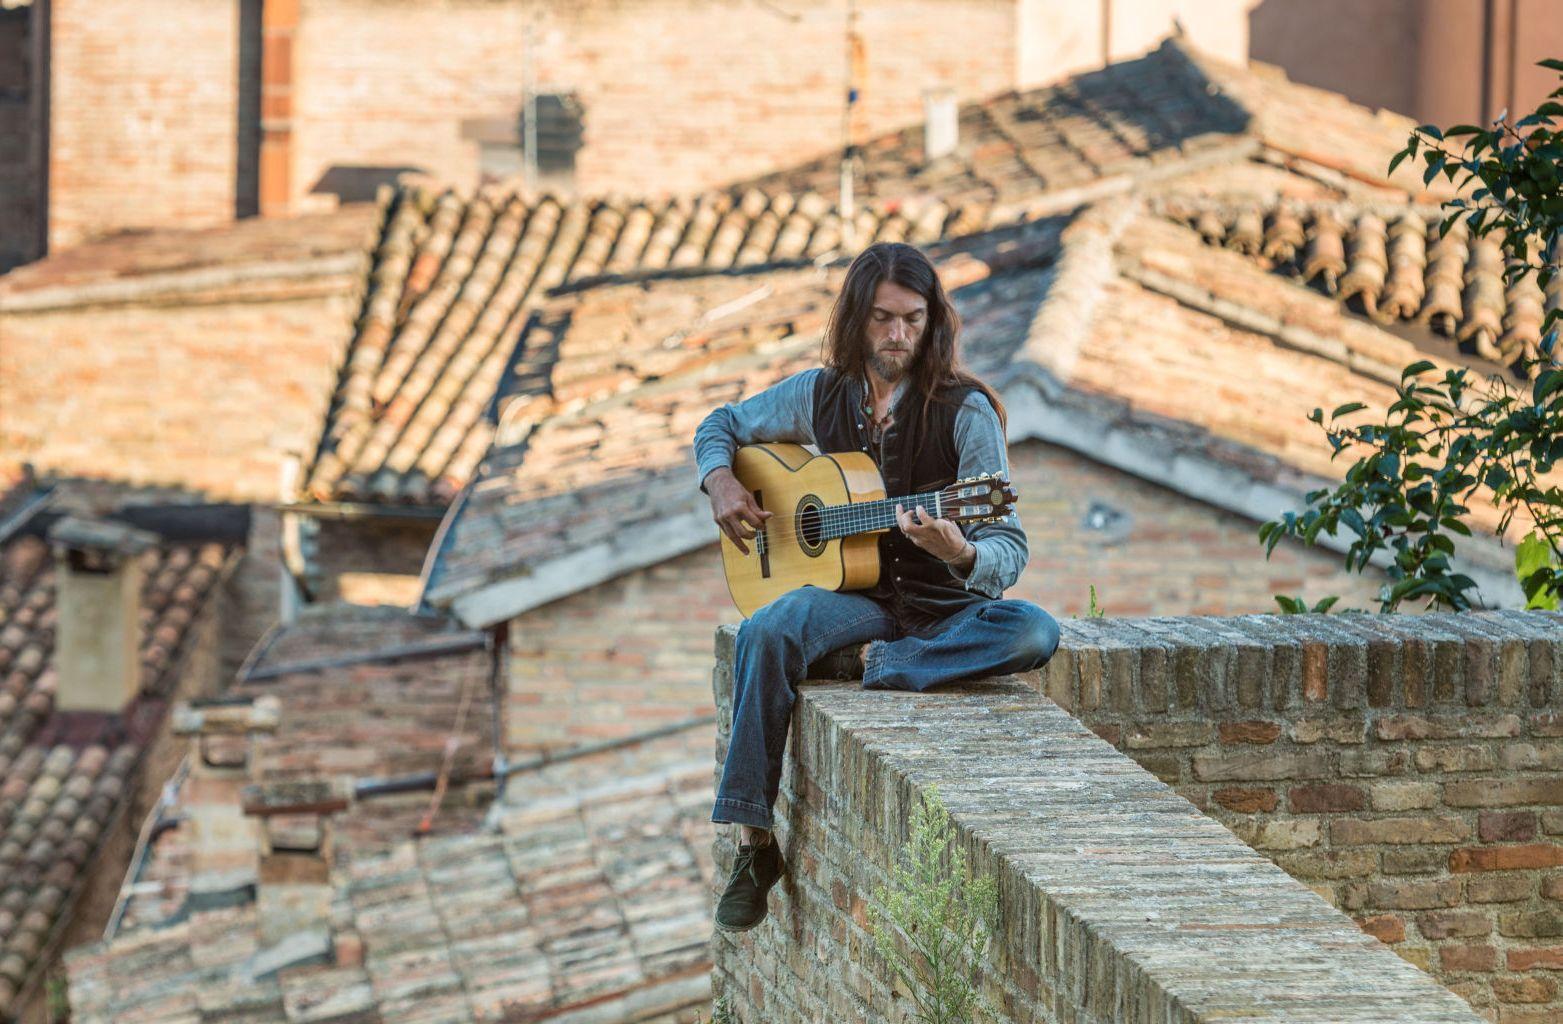 INTERVJUU! Maailmakuulus tänavamuusik Estas Tonne: lubada endale lihtsust praegustel aegadel on väga oluline!